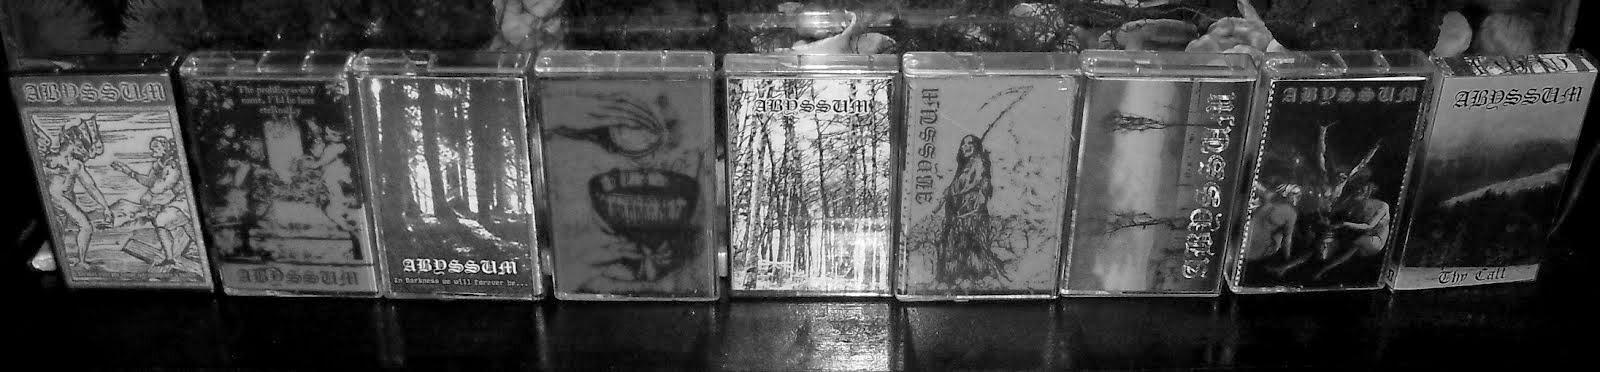 Black Metal/Guatemala